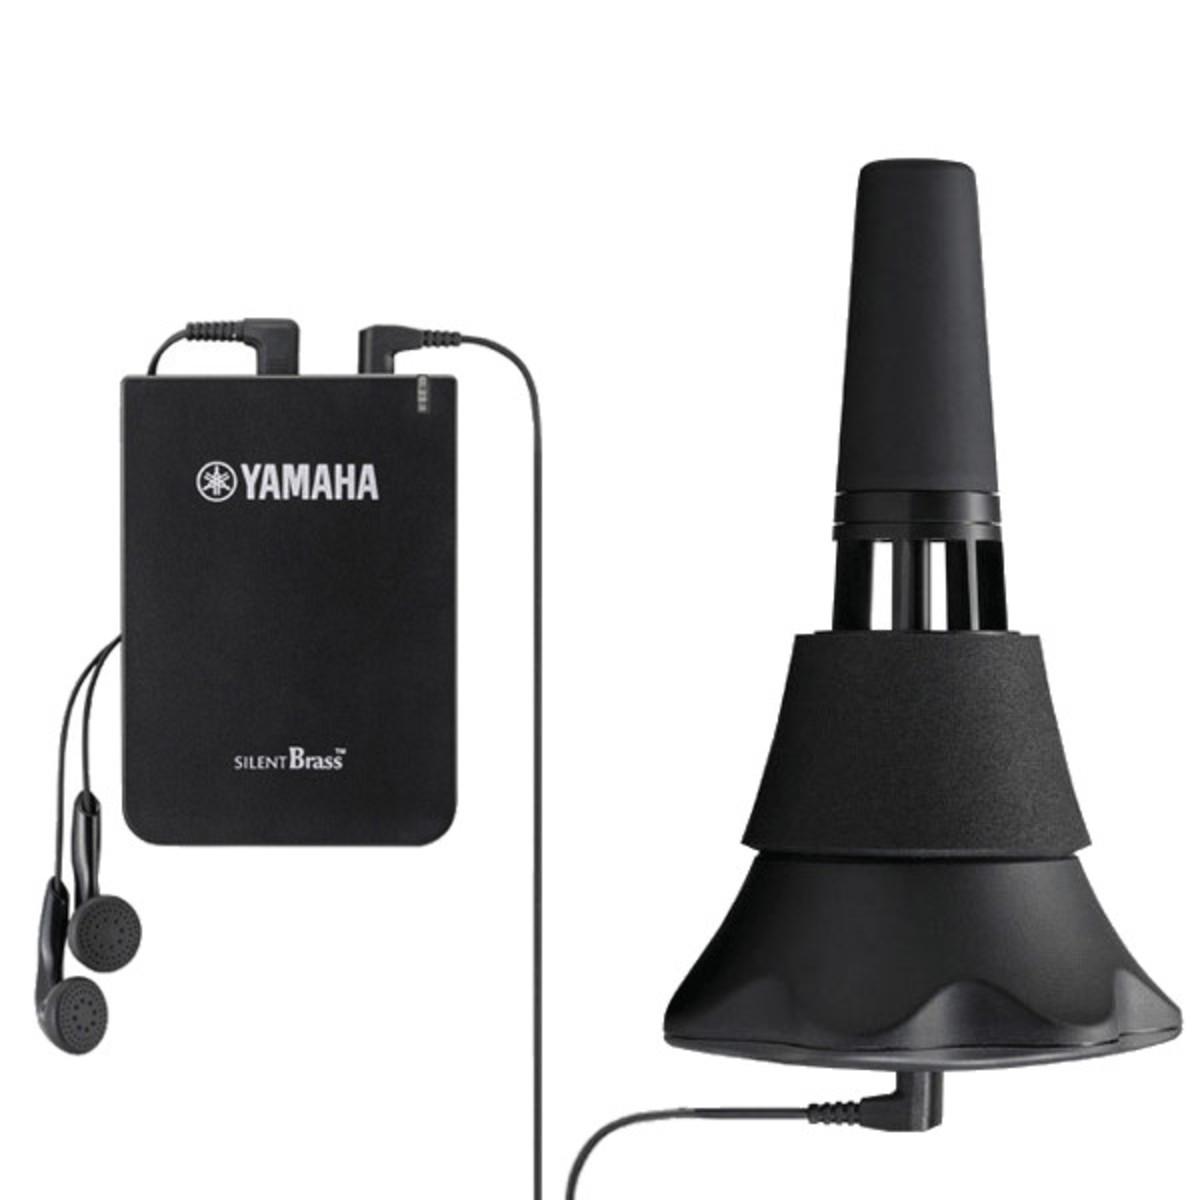 yamaha sb 7x silent brass system for trumpet at. Black Bedroom Furniture Sets. Home Design Ideas